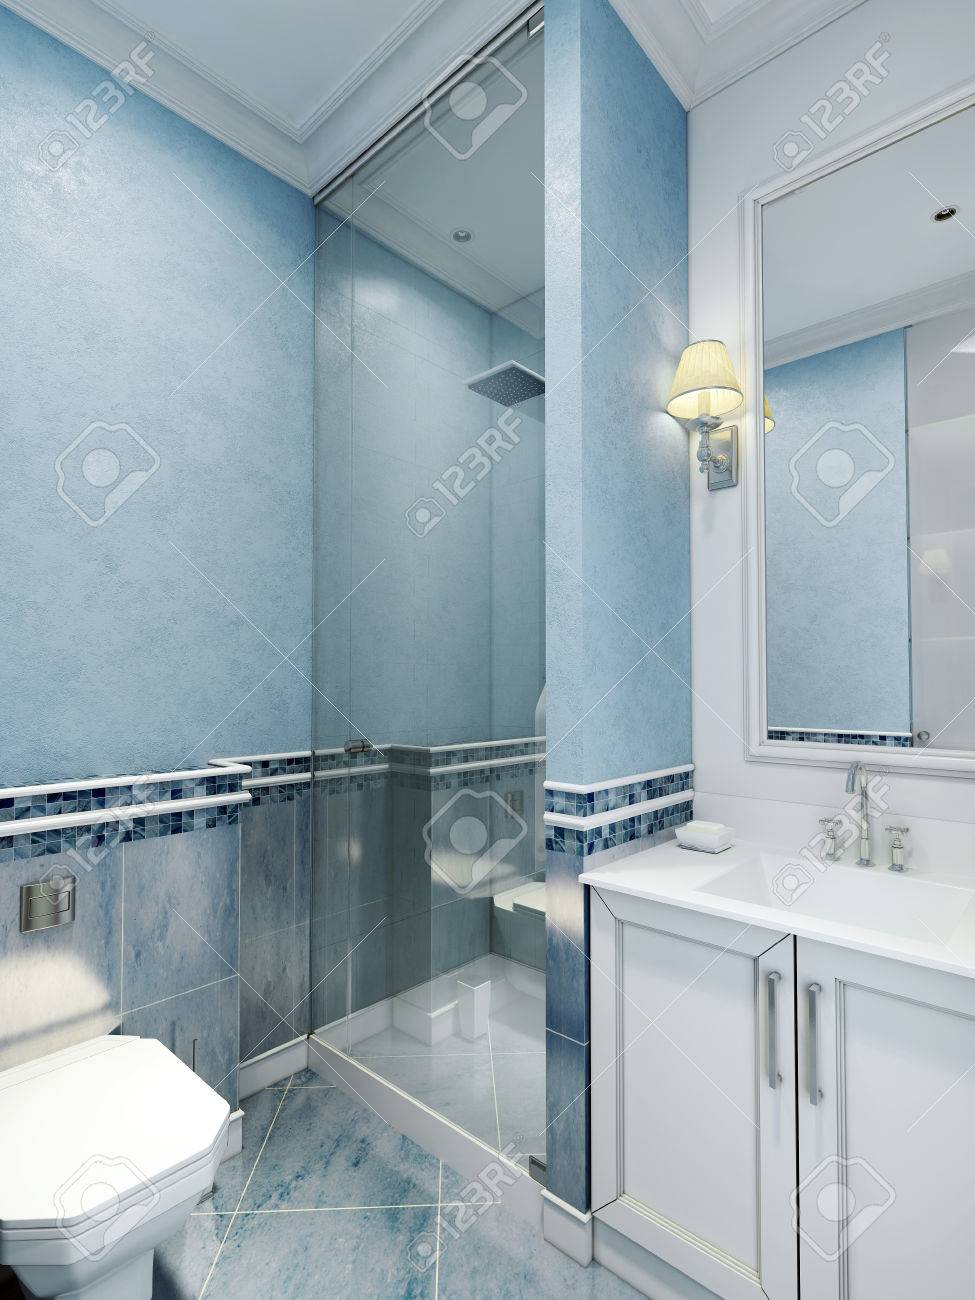 Salle de bains de style art déco. Conception de salle de bains avec l\'aide  de la couleur bleue. Les meubles blancs et une grande fenêtre avec un ...